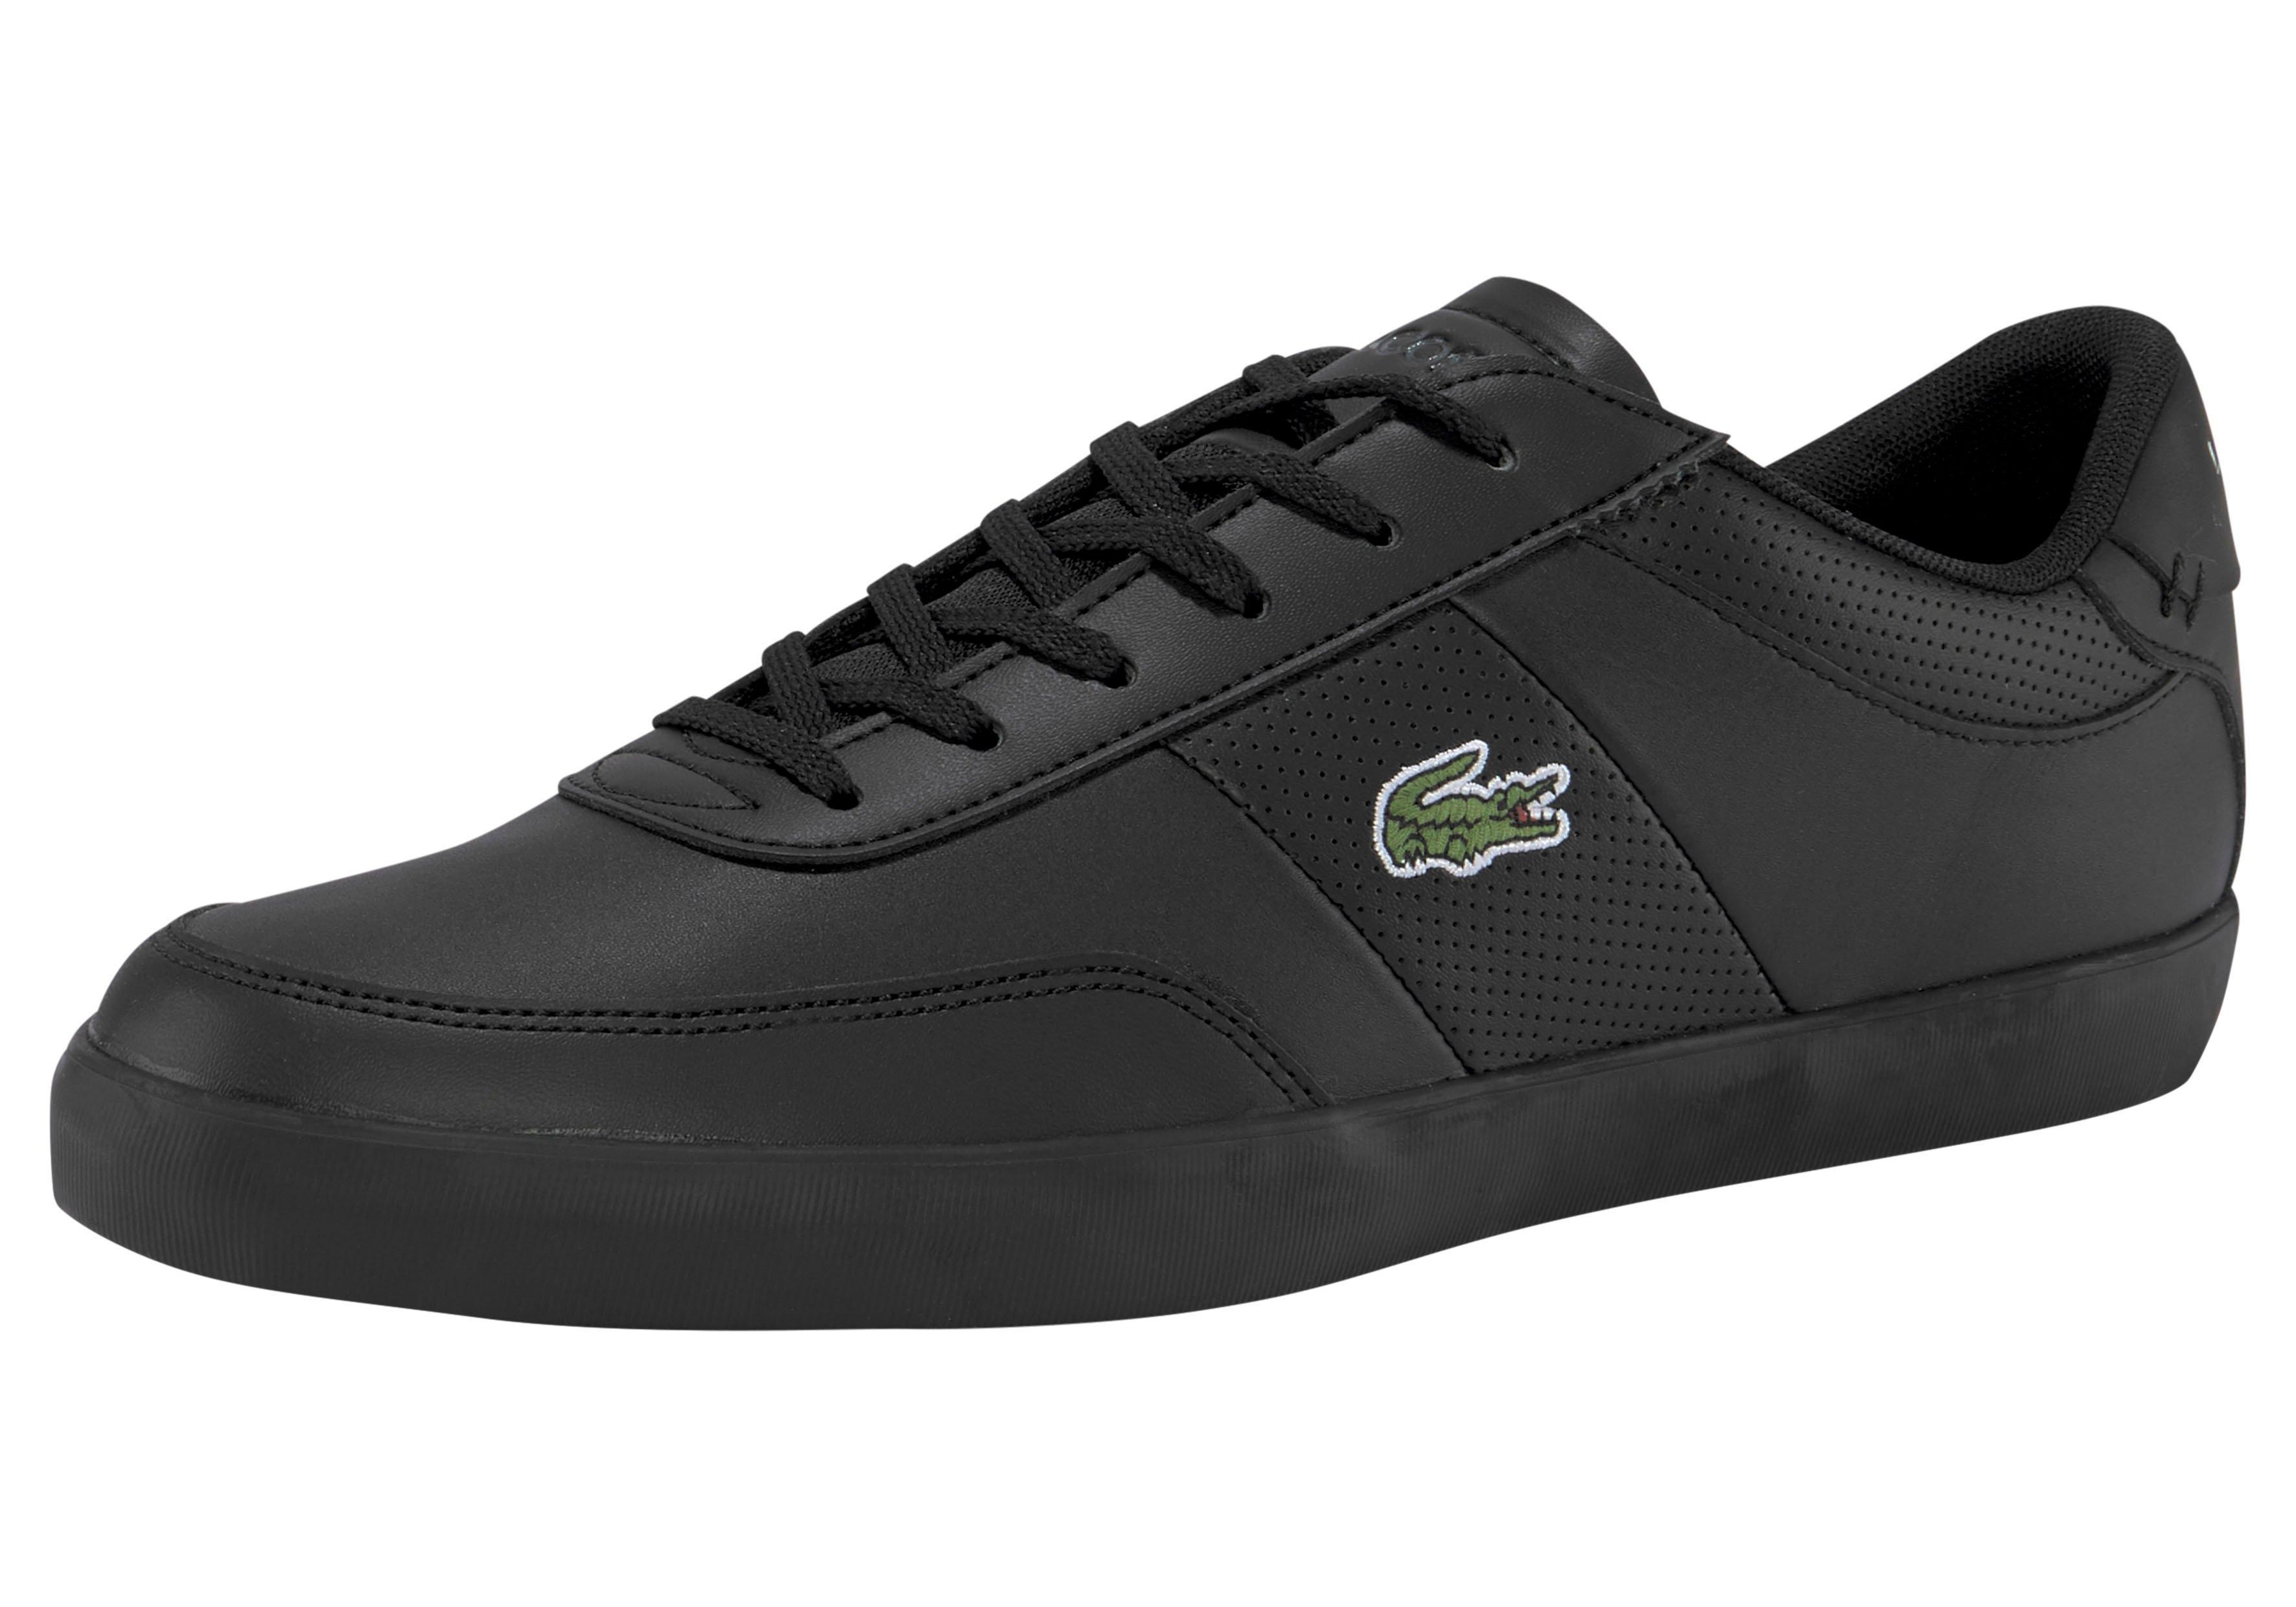 Lacoste sneakers COURT-MASTER 0120 1 CMA bestellen: 30 dagen bedenktijd